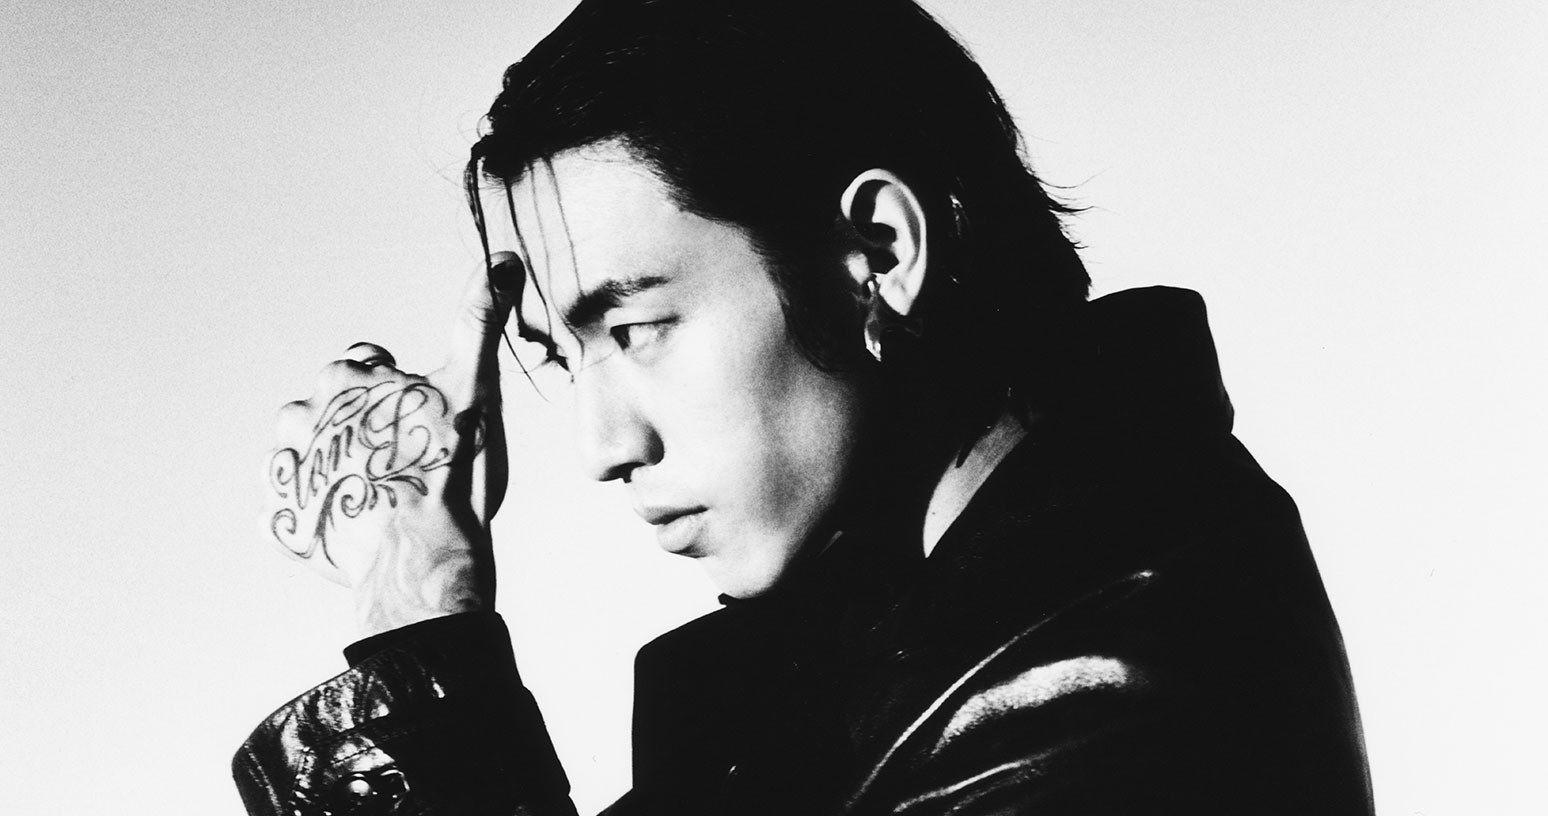 """""""DPR IAN"""" ศิลปินป๊อปเกาหลี ผู้สะท้อนความไม่ปกติทางอารมณ์ผ่านดนตรี"""